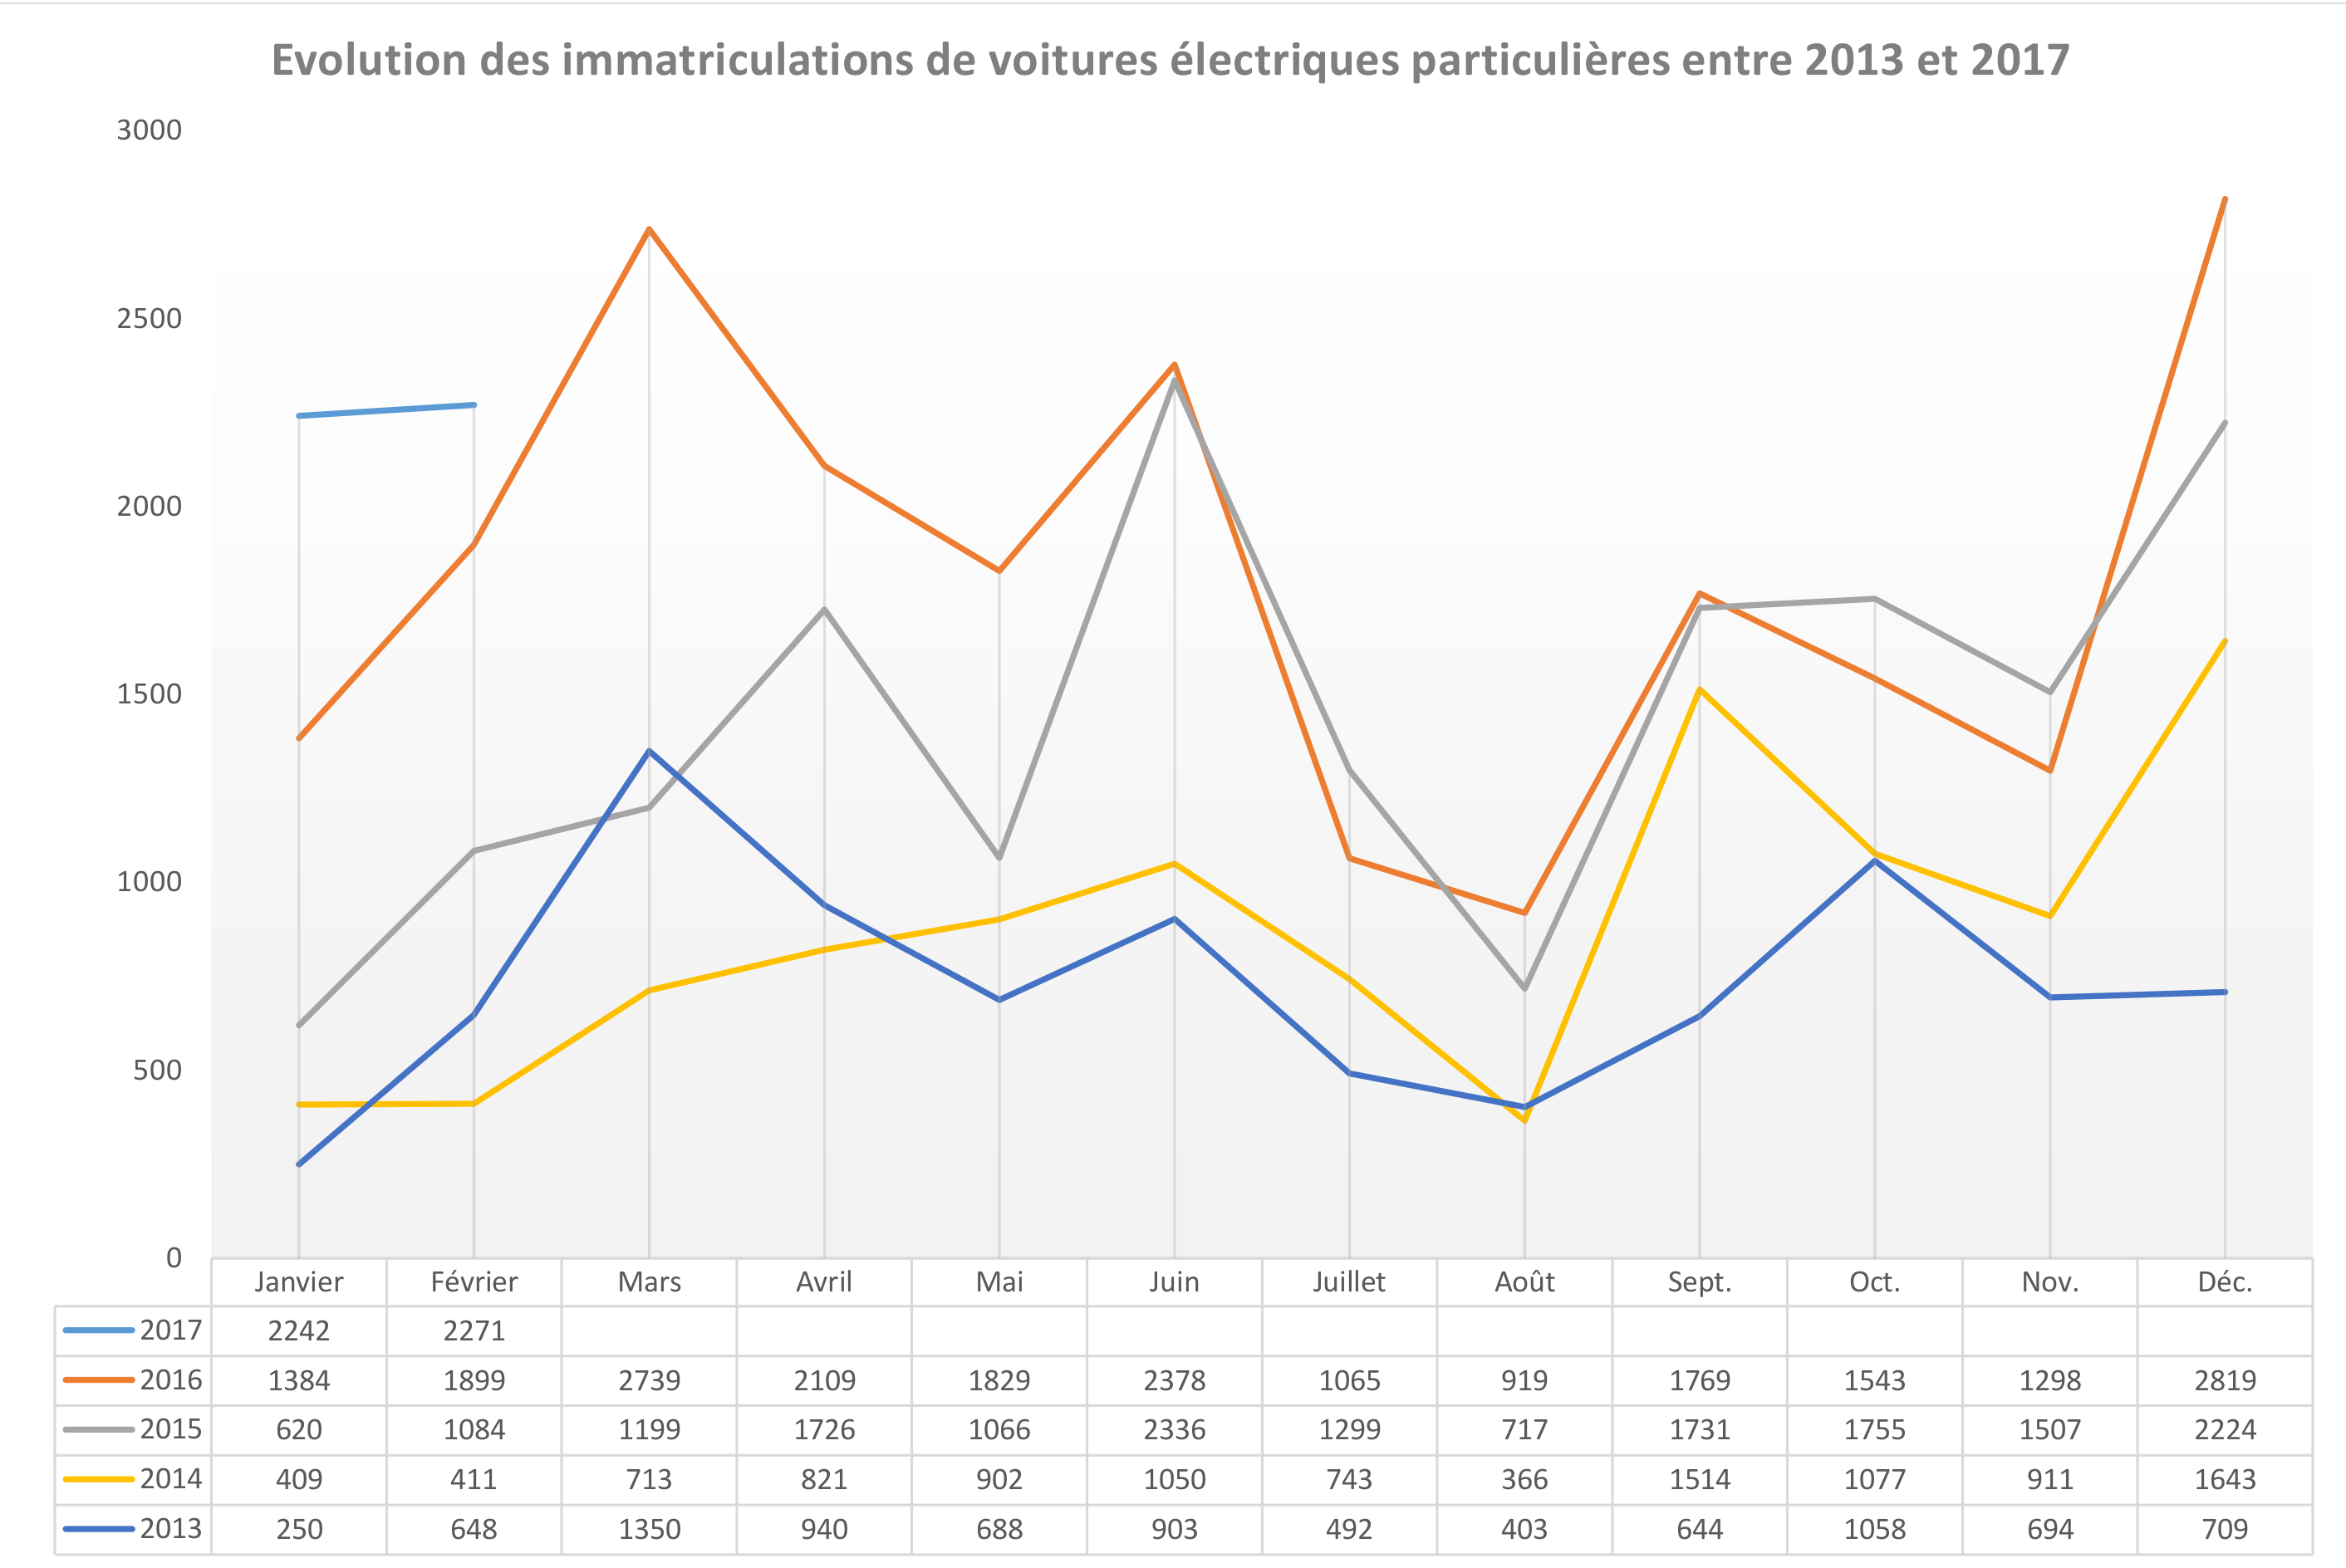 Evolution des immatriculations de VP électriques entre 2013 et février 2017